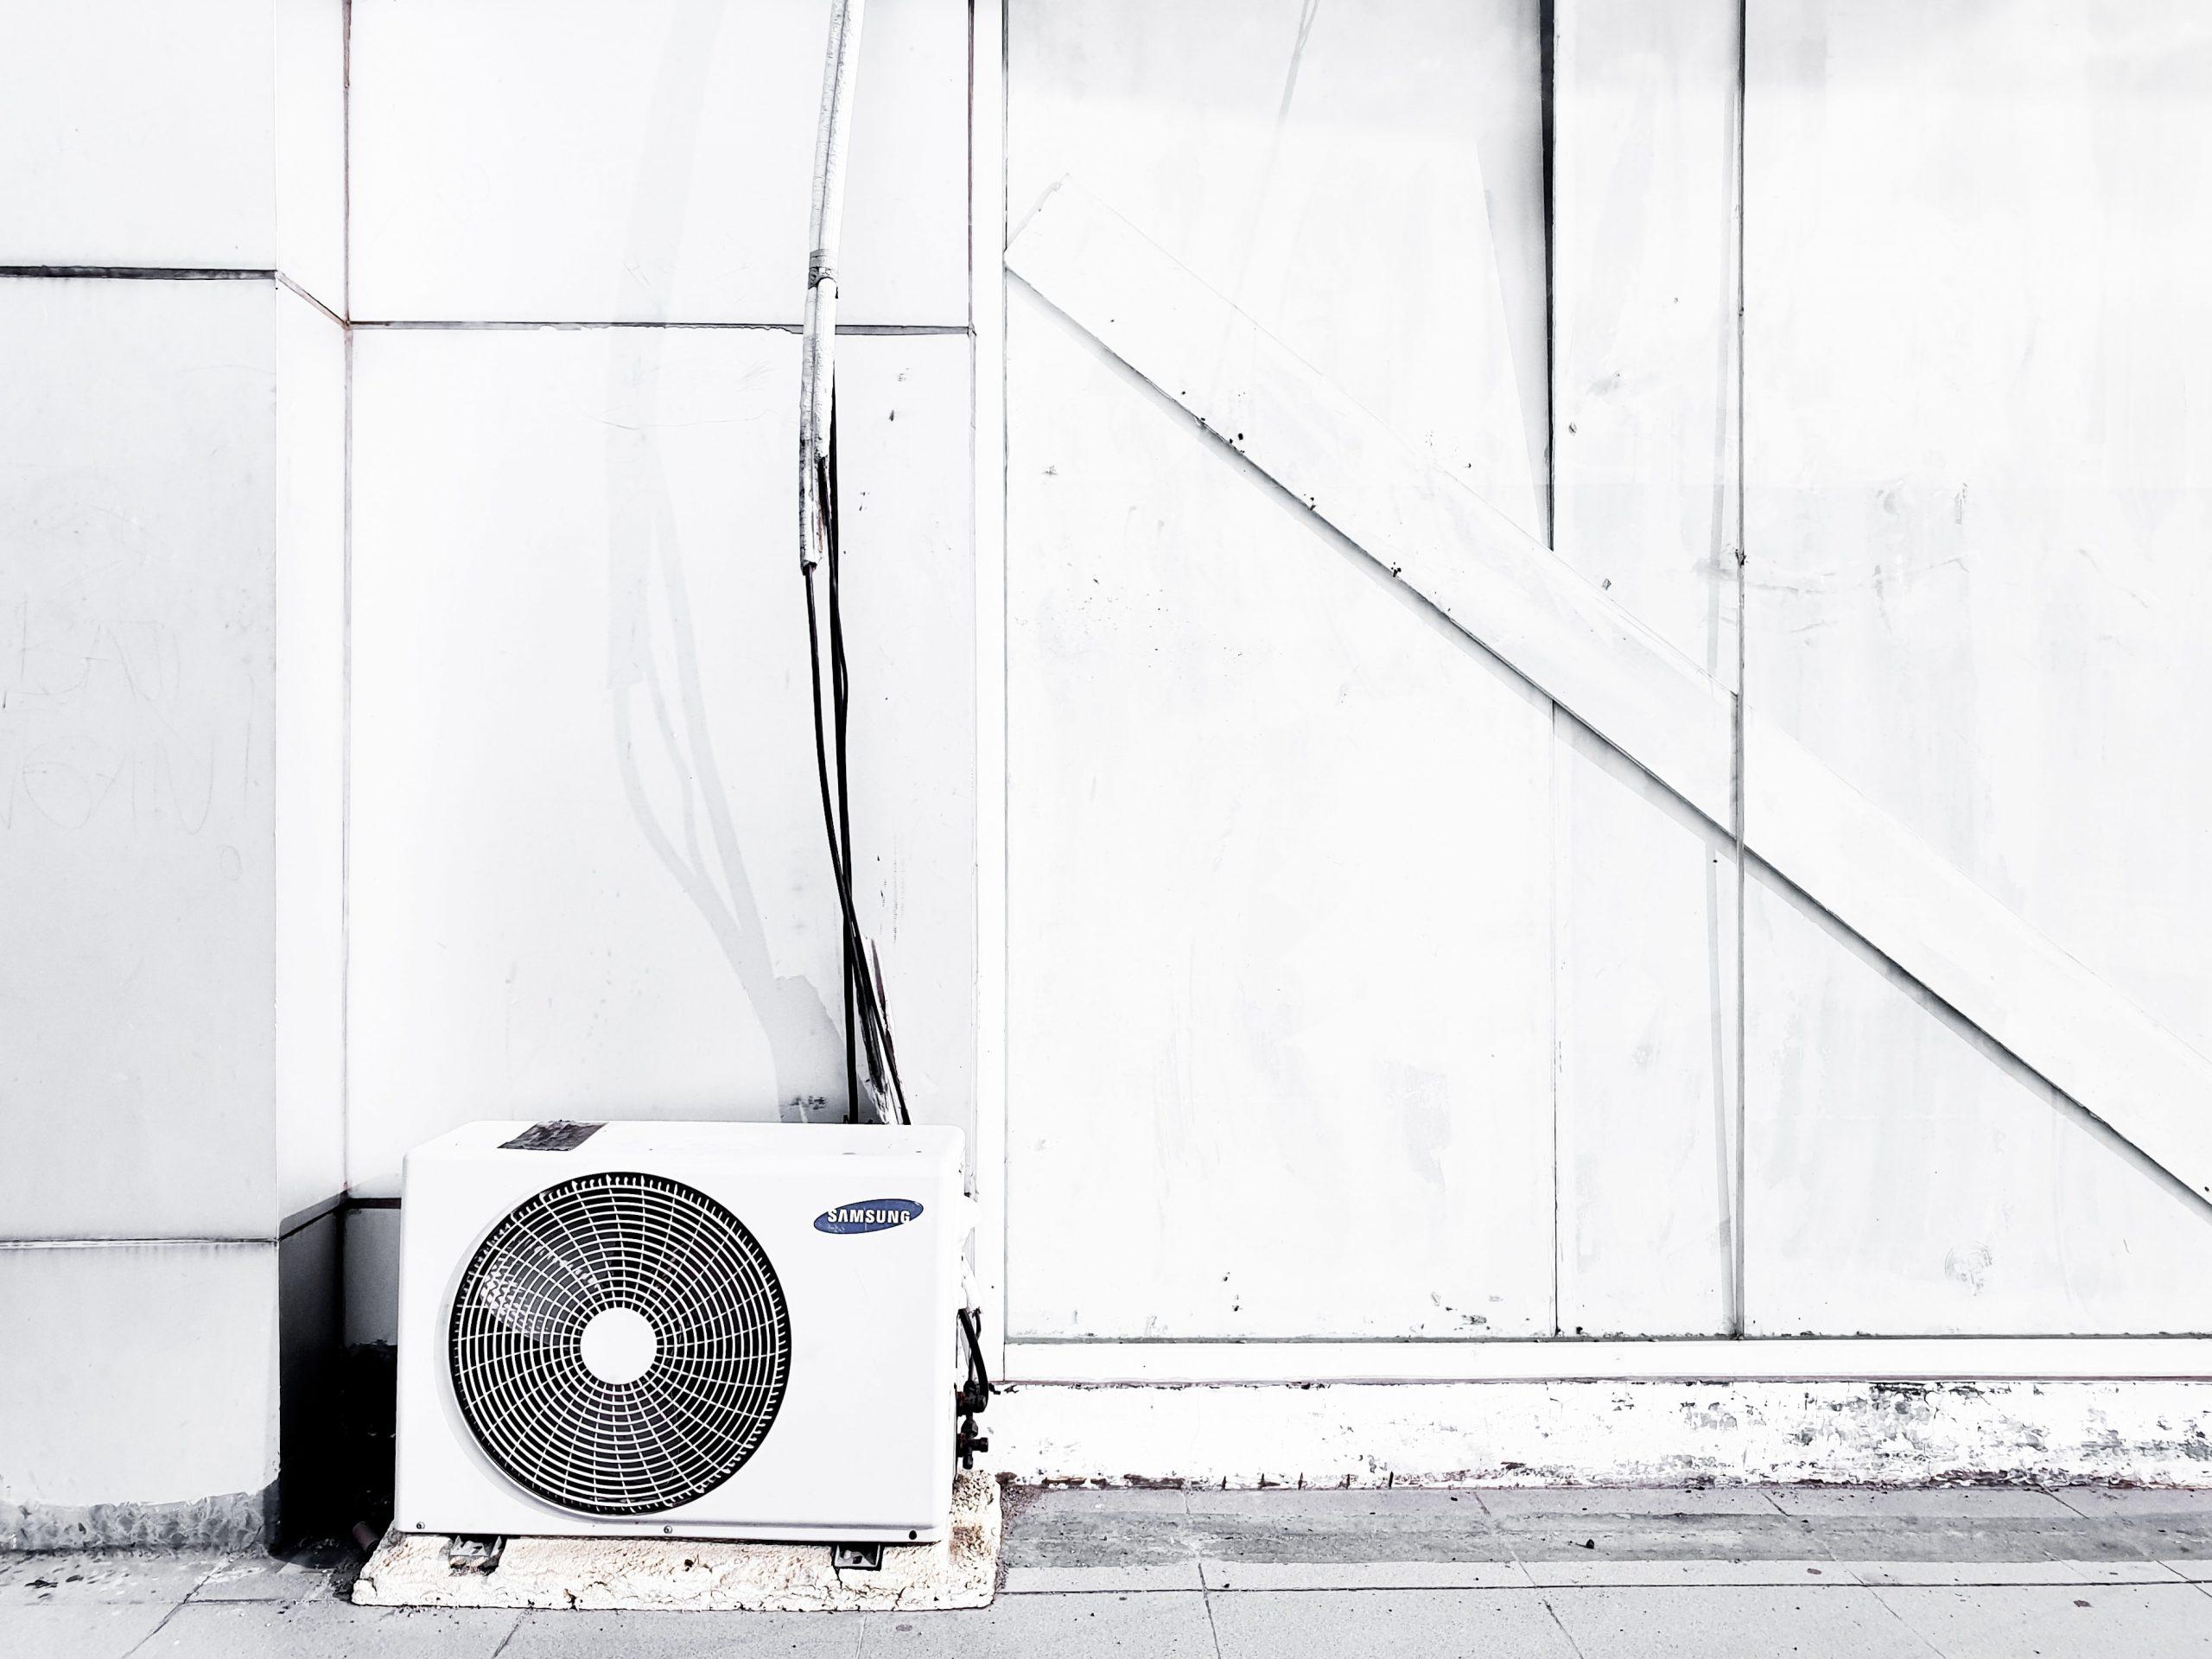 Regimul de lucru al aparatelor de aer conditionat